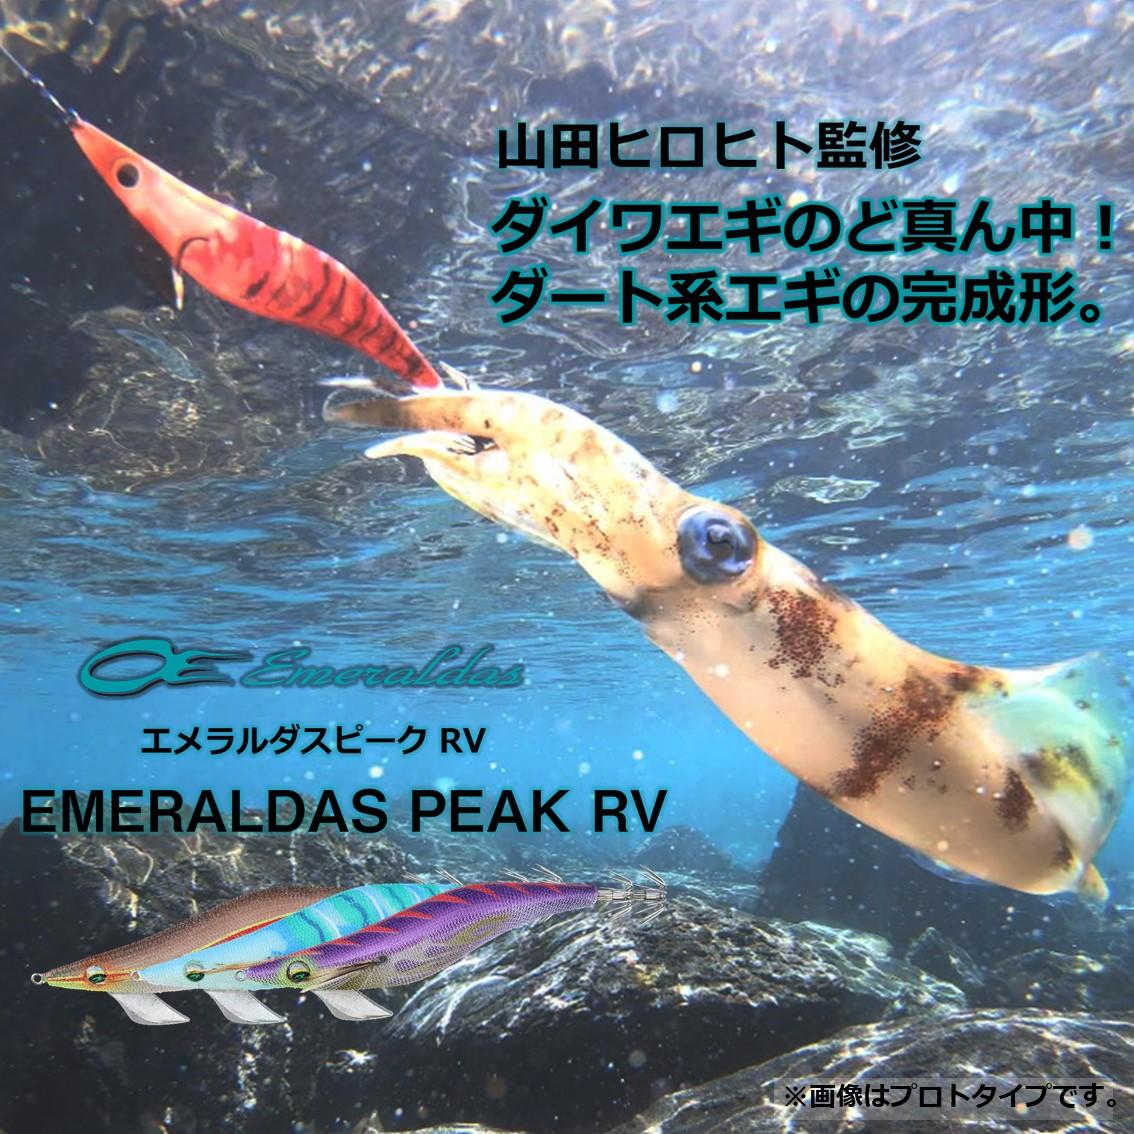 ダイワ エメラルダスピークRV 3.5号【メール便可】